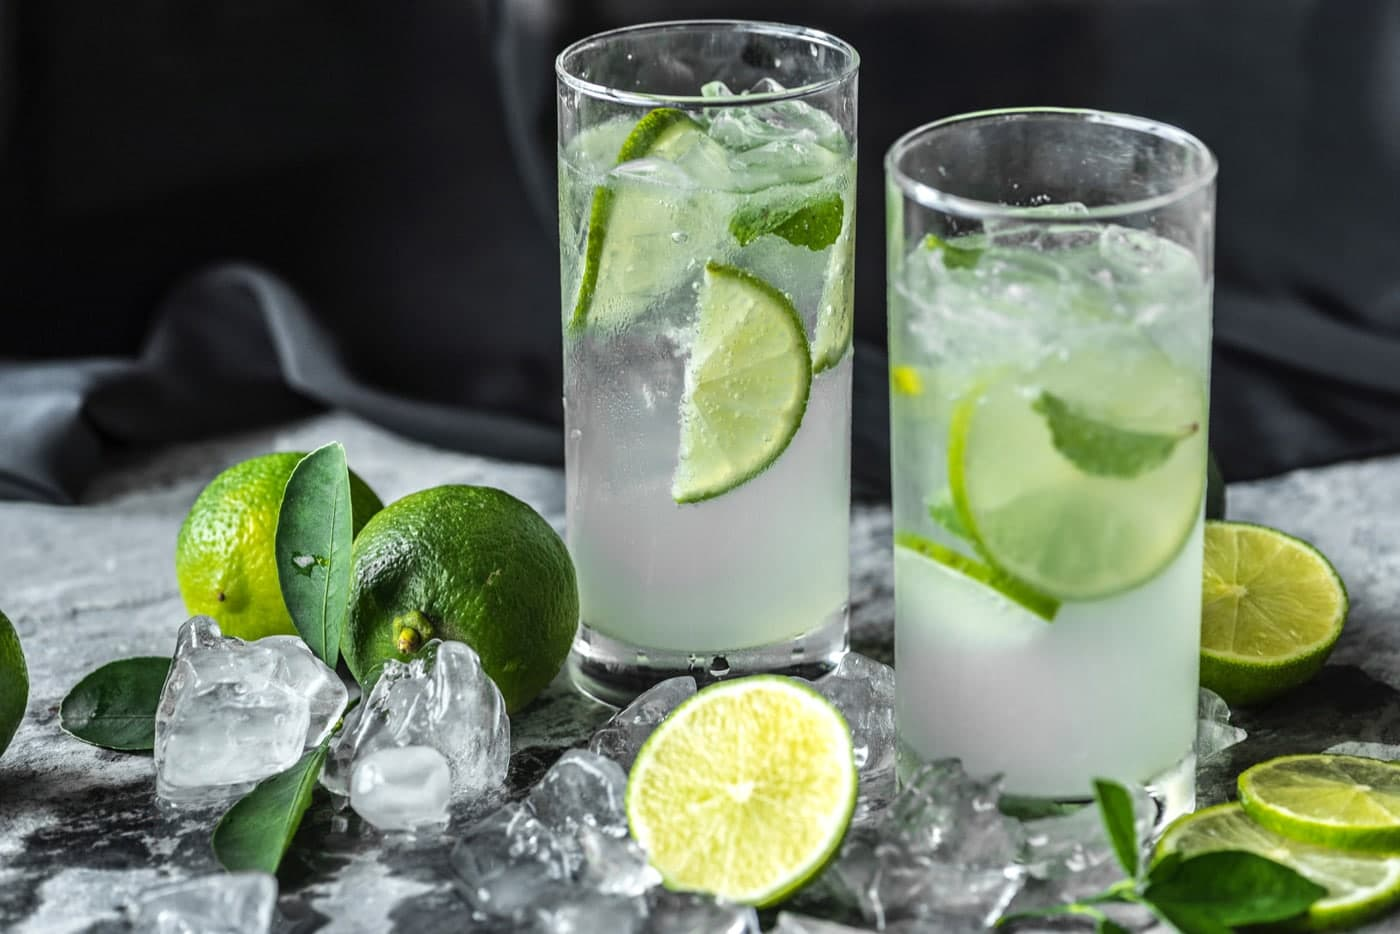 طرز تهیه نوشیدنی لیموناد و نوشابه طبیعی لیموناد